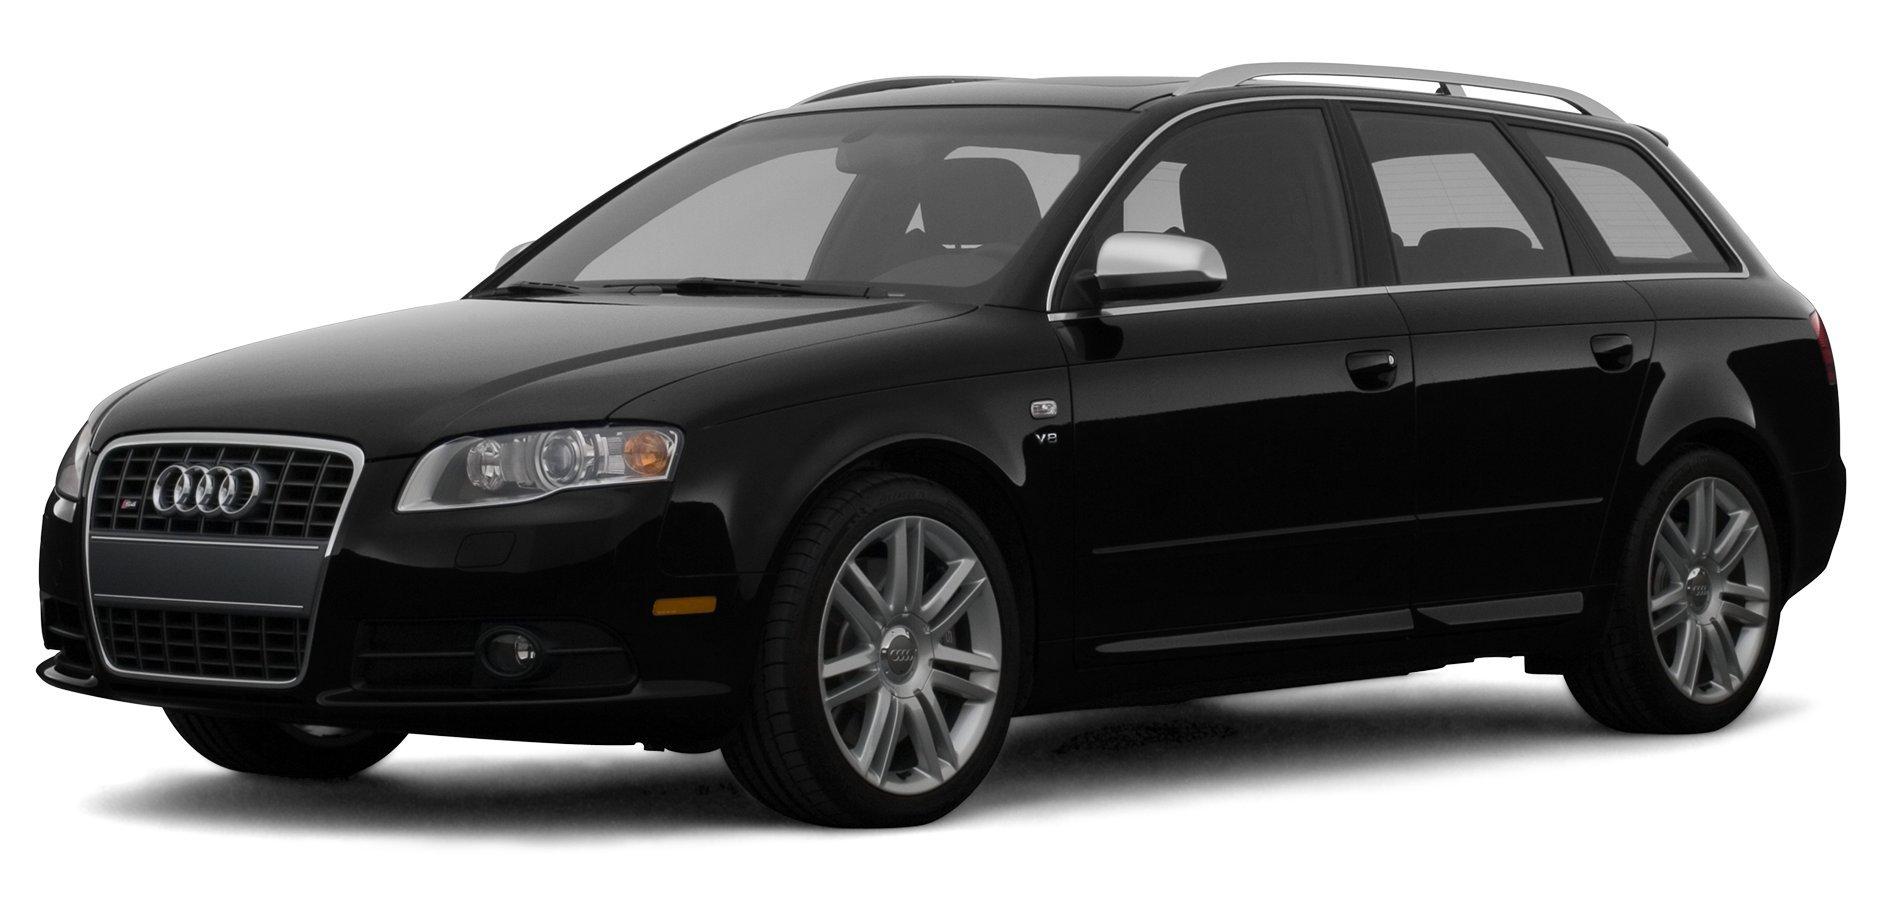 ... quattro, 2007 Audi S4, 2007 5-Door Avant Wagon Automatic Transmission  ...